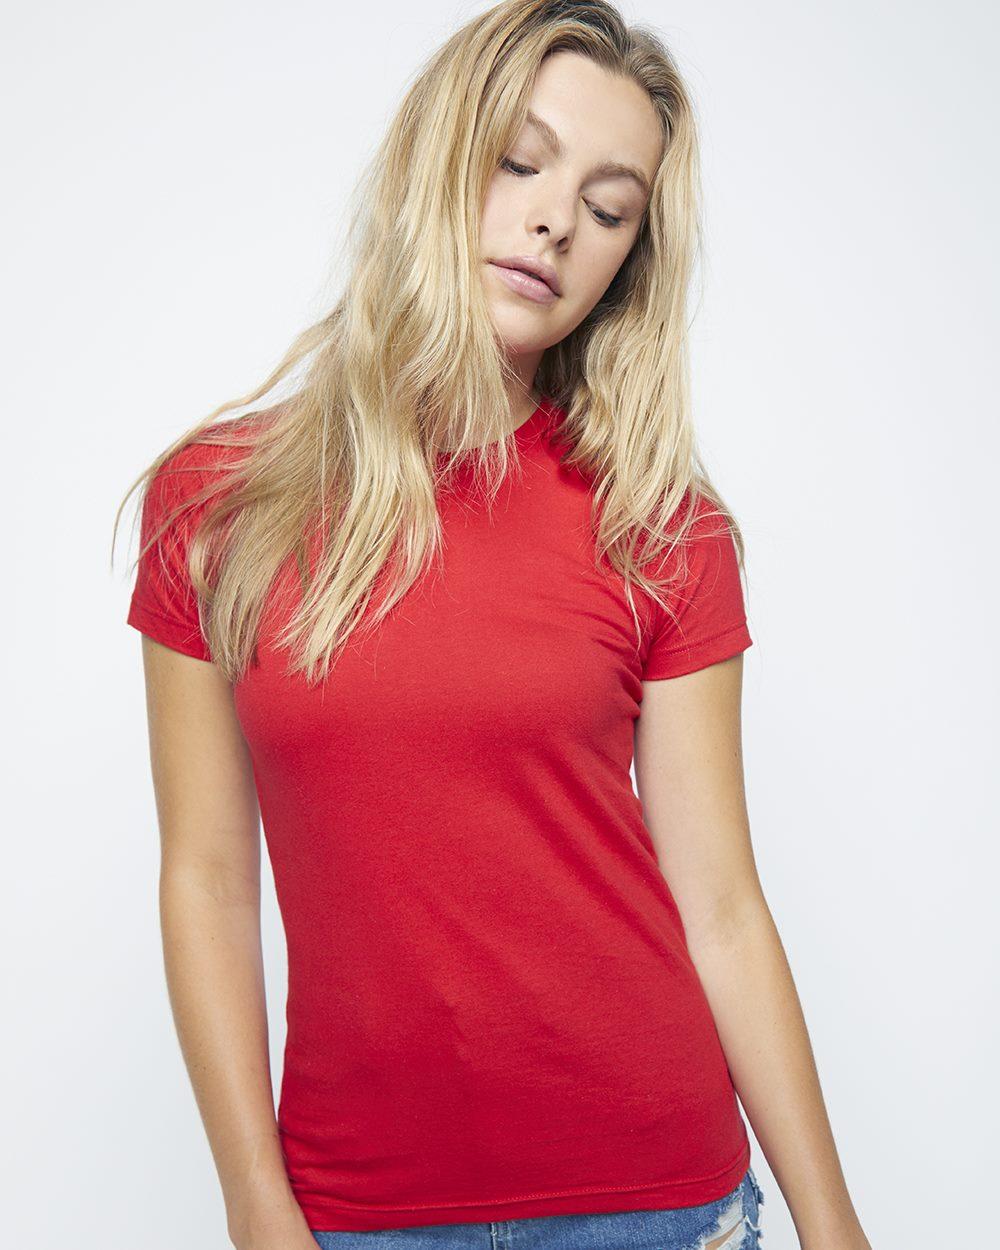 American Apparel 2102W - Women's Fine Jersey T-Shirt